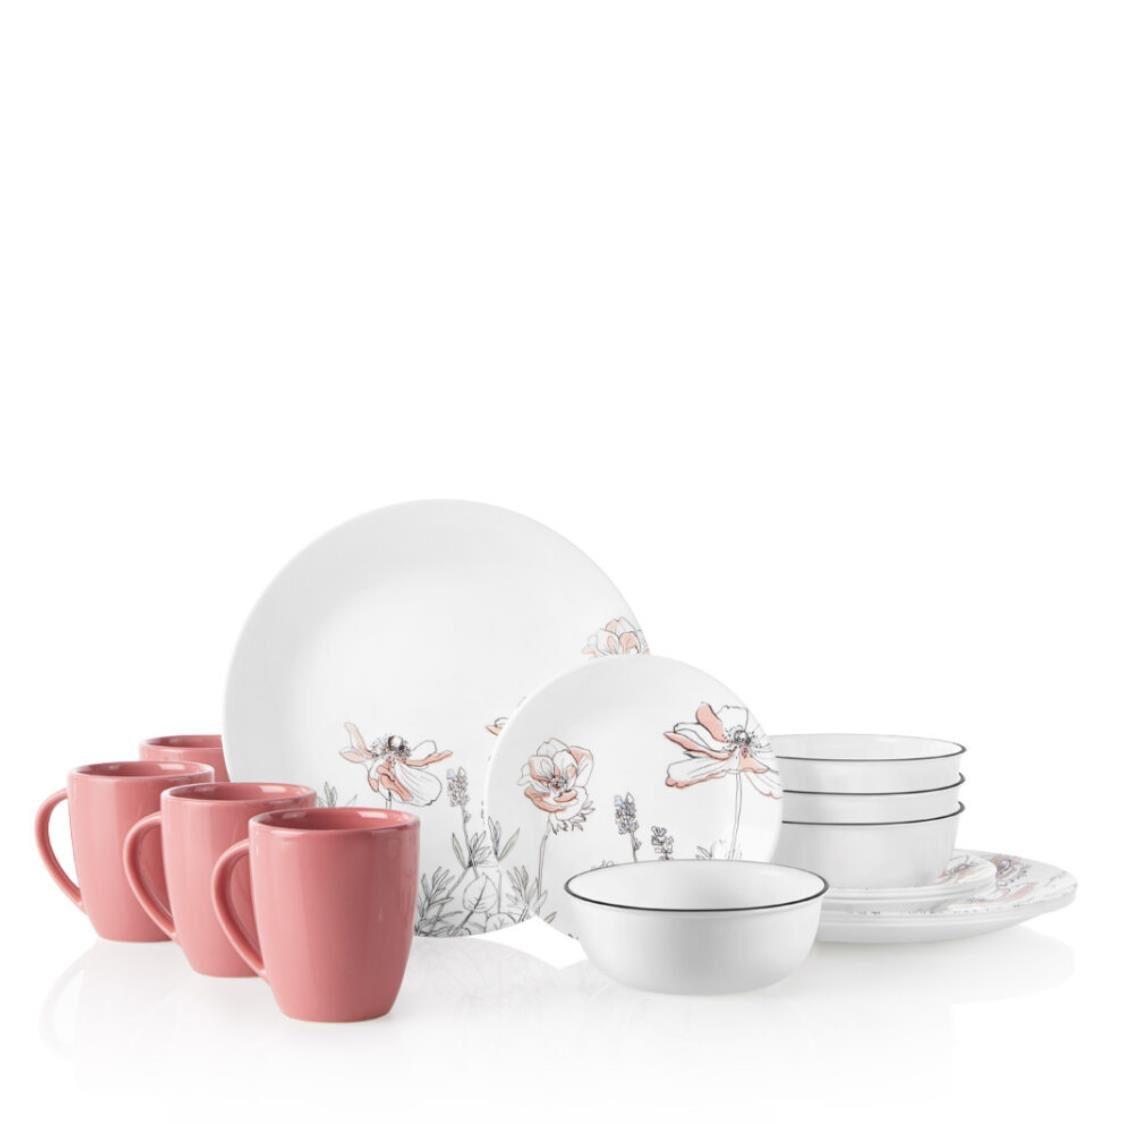 Corelle 16pc Dinner Set - Poppy Print 1137501